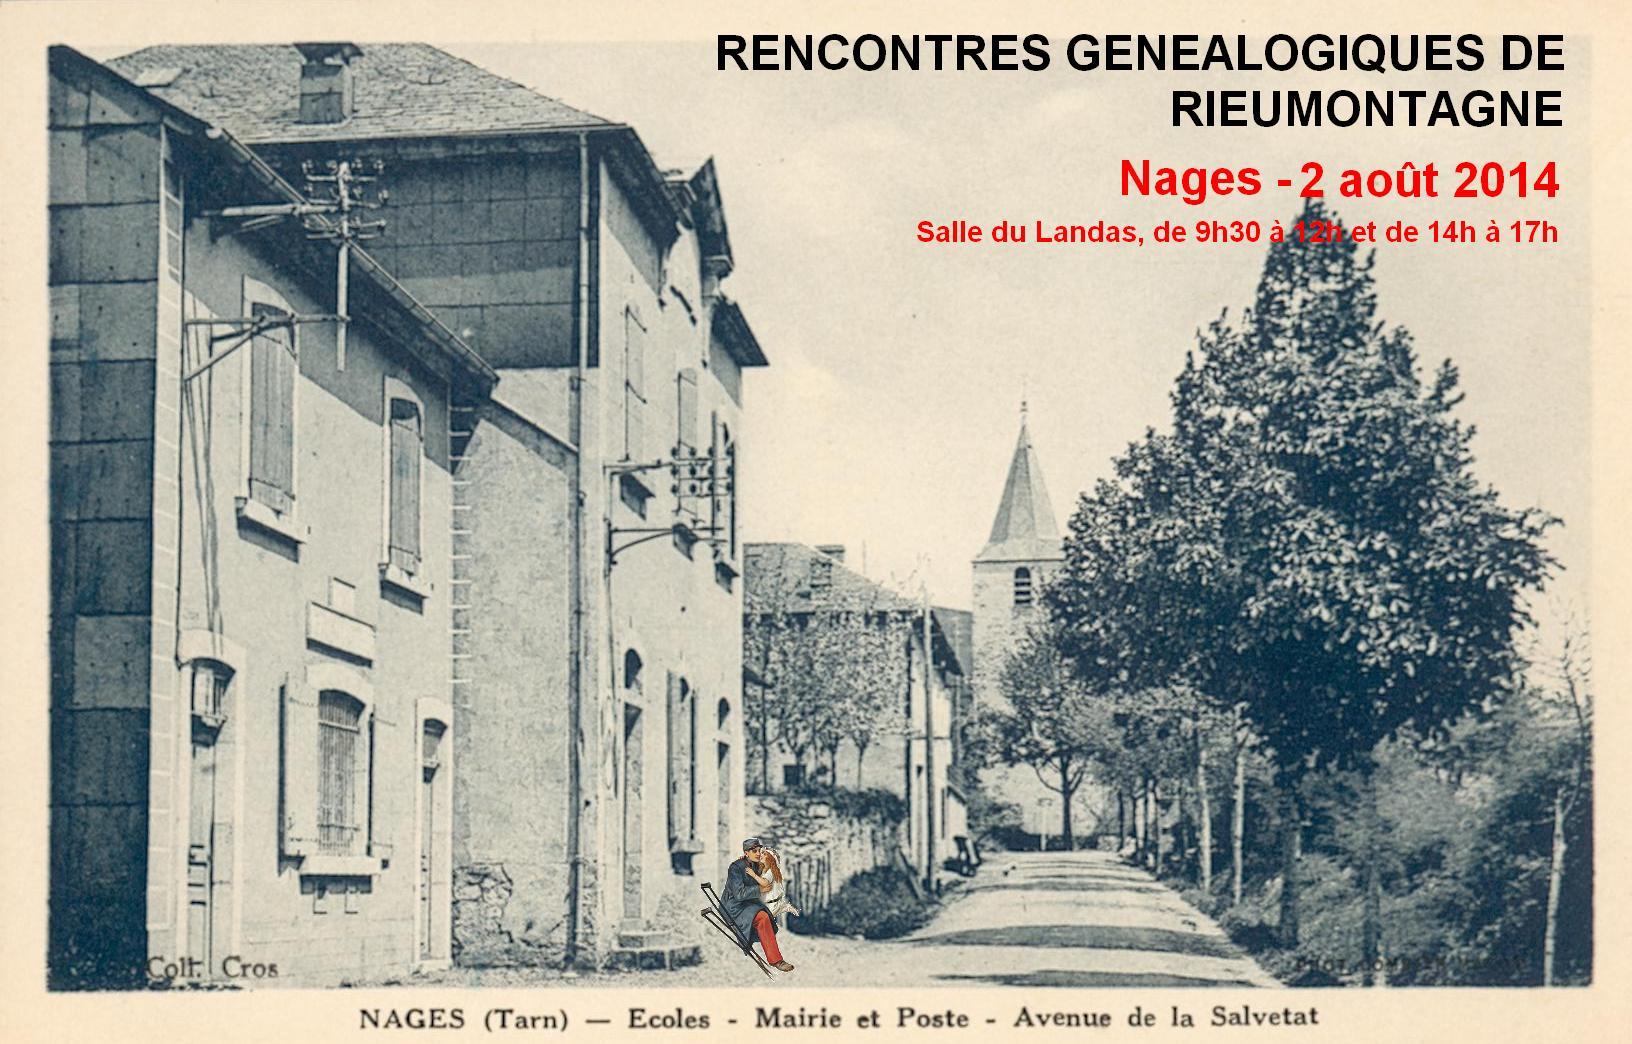 2 août 2014 – Rencontres généalogiques à Nages